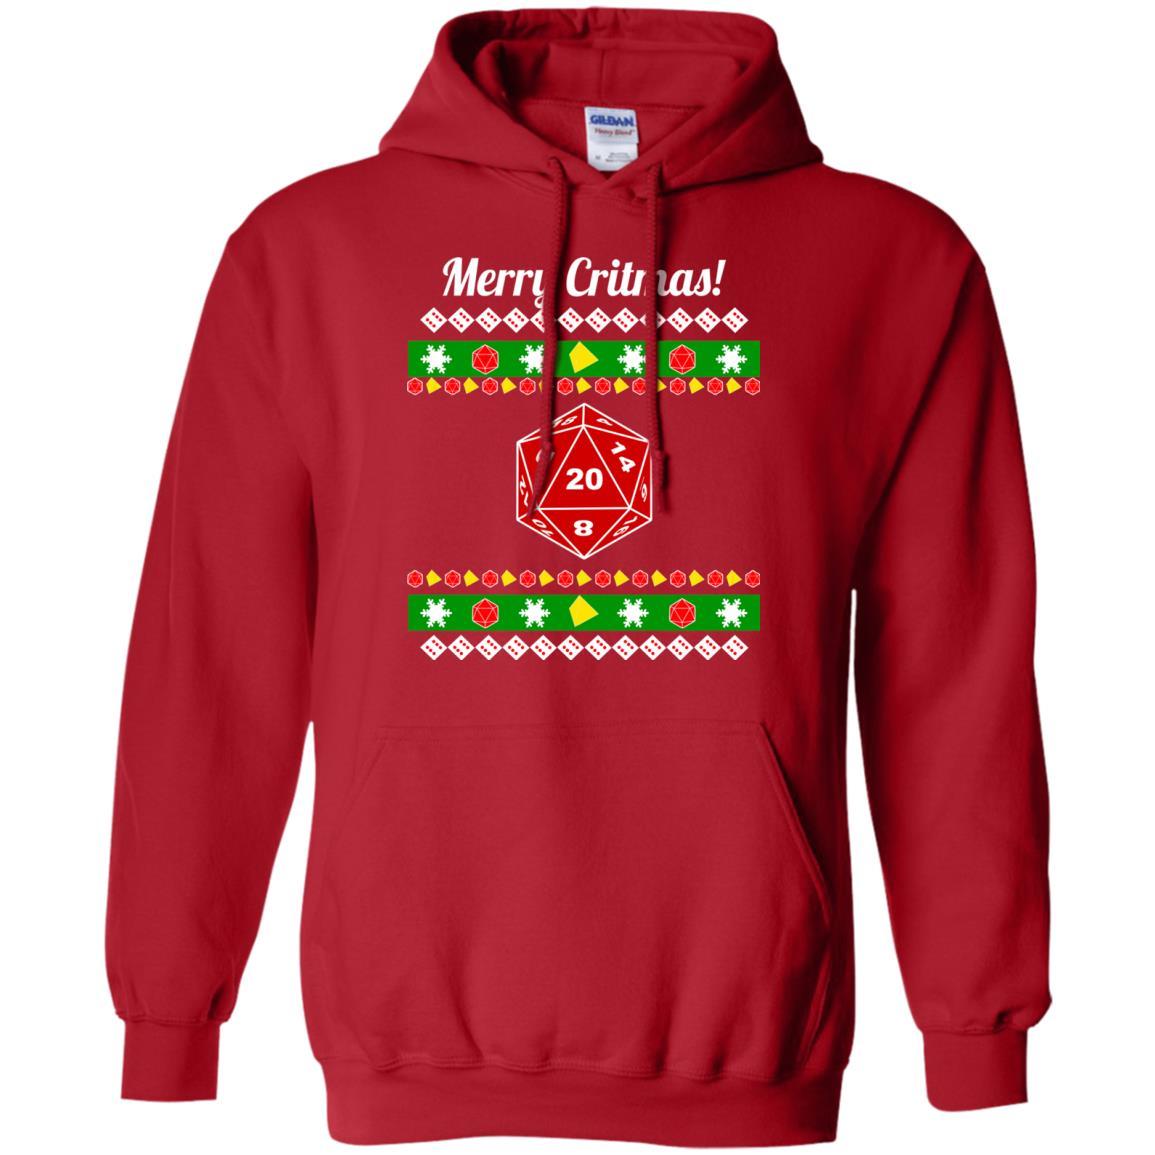 image 2208 - Merry Critmas Christmas ugly Sweatshirts, Long Sleeve